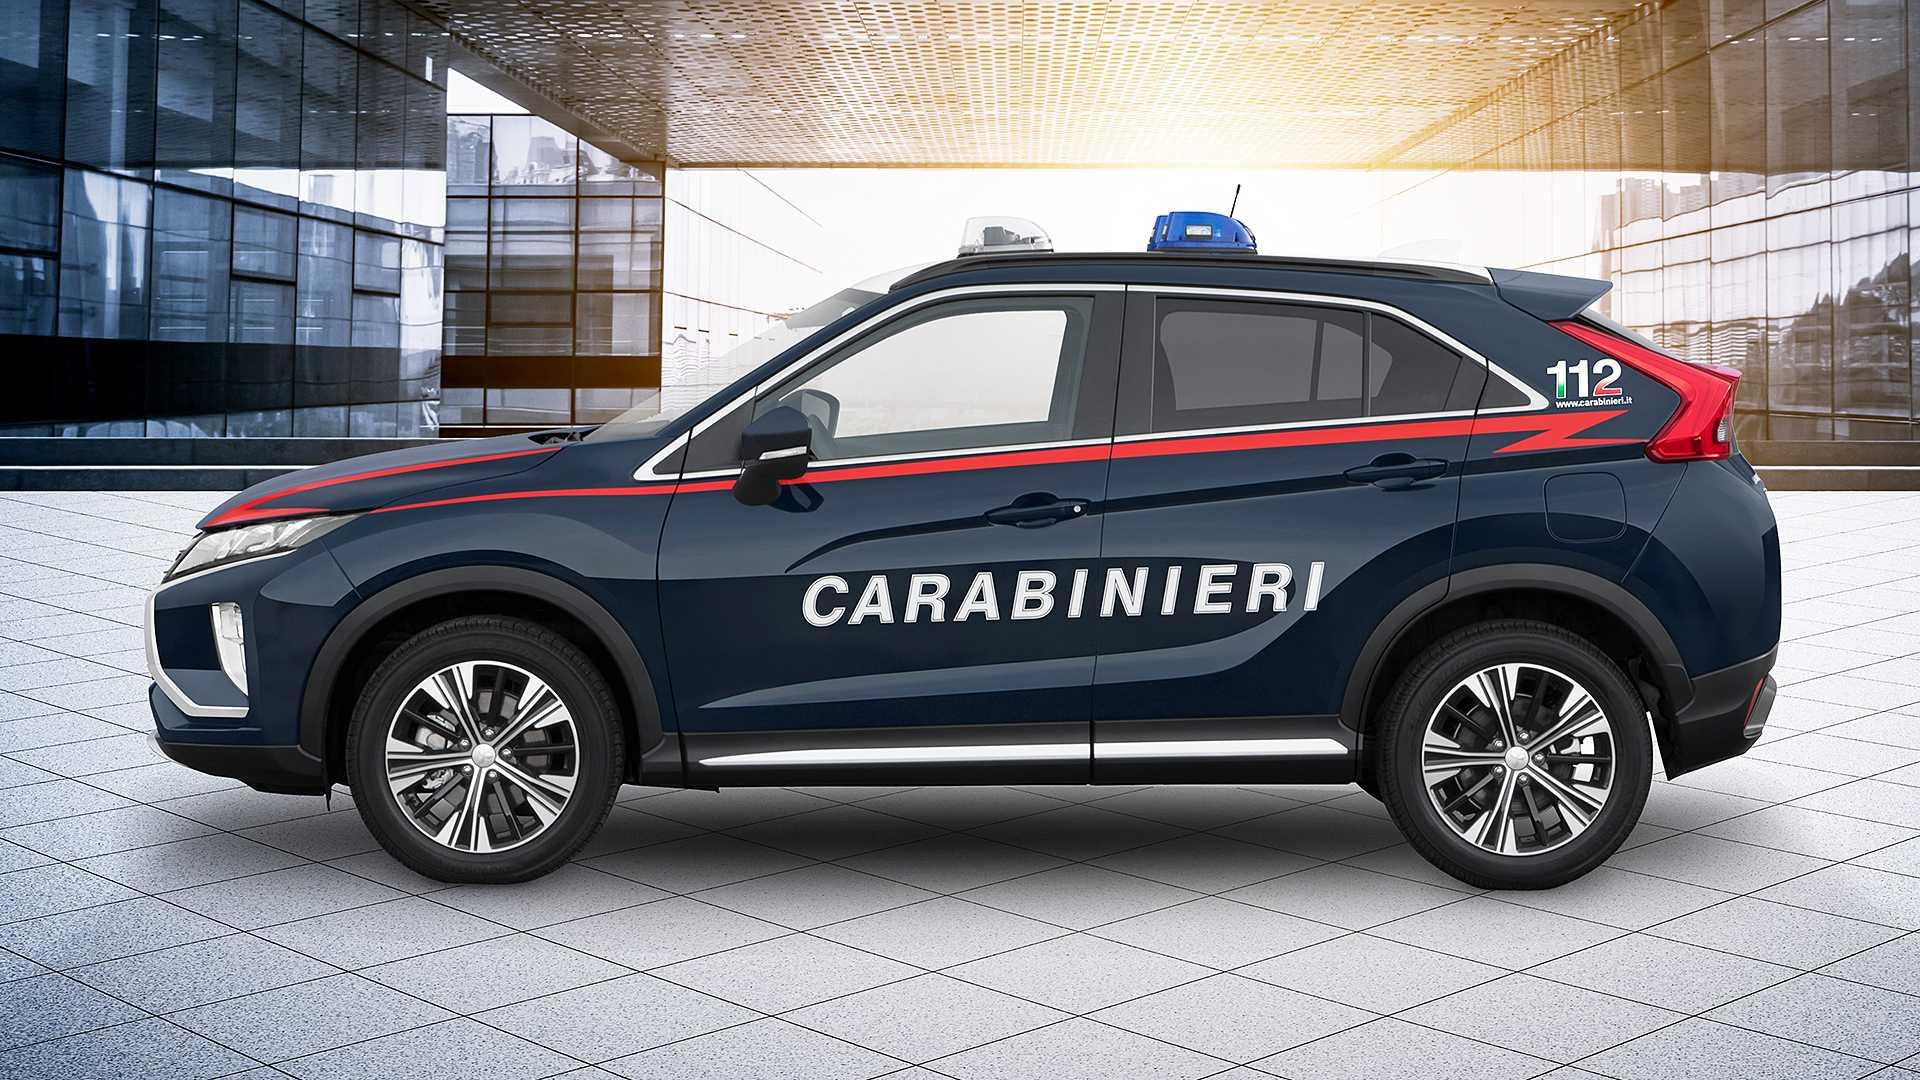 Итальянскую полицию пересадили на Mitsubishi 1